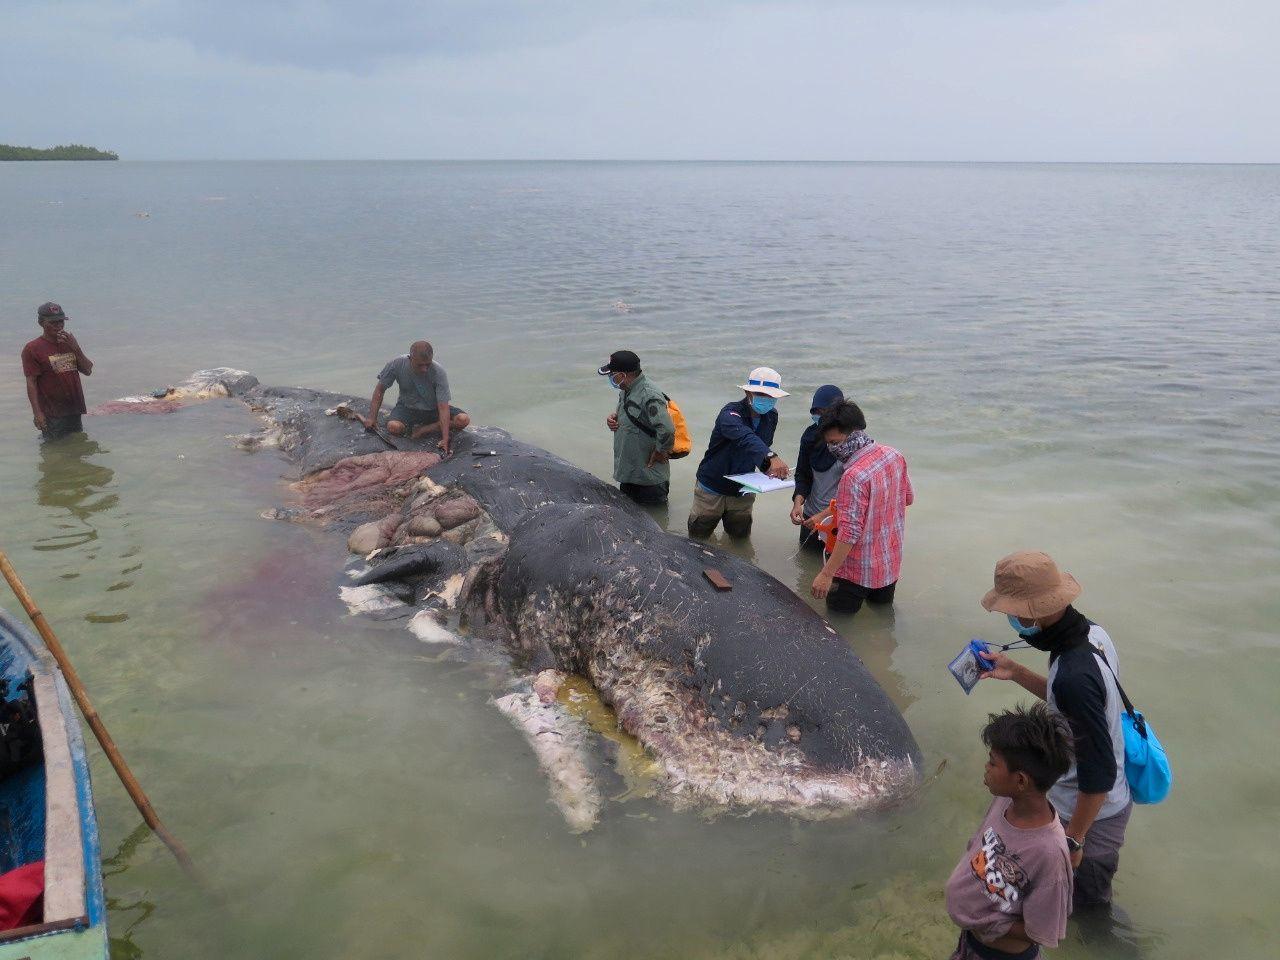 FANT HVAL: Lokalbefolkningen undersøker spermhvalen som skylte i land i Indonesia.